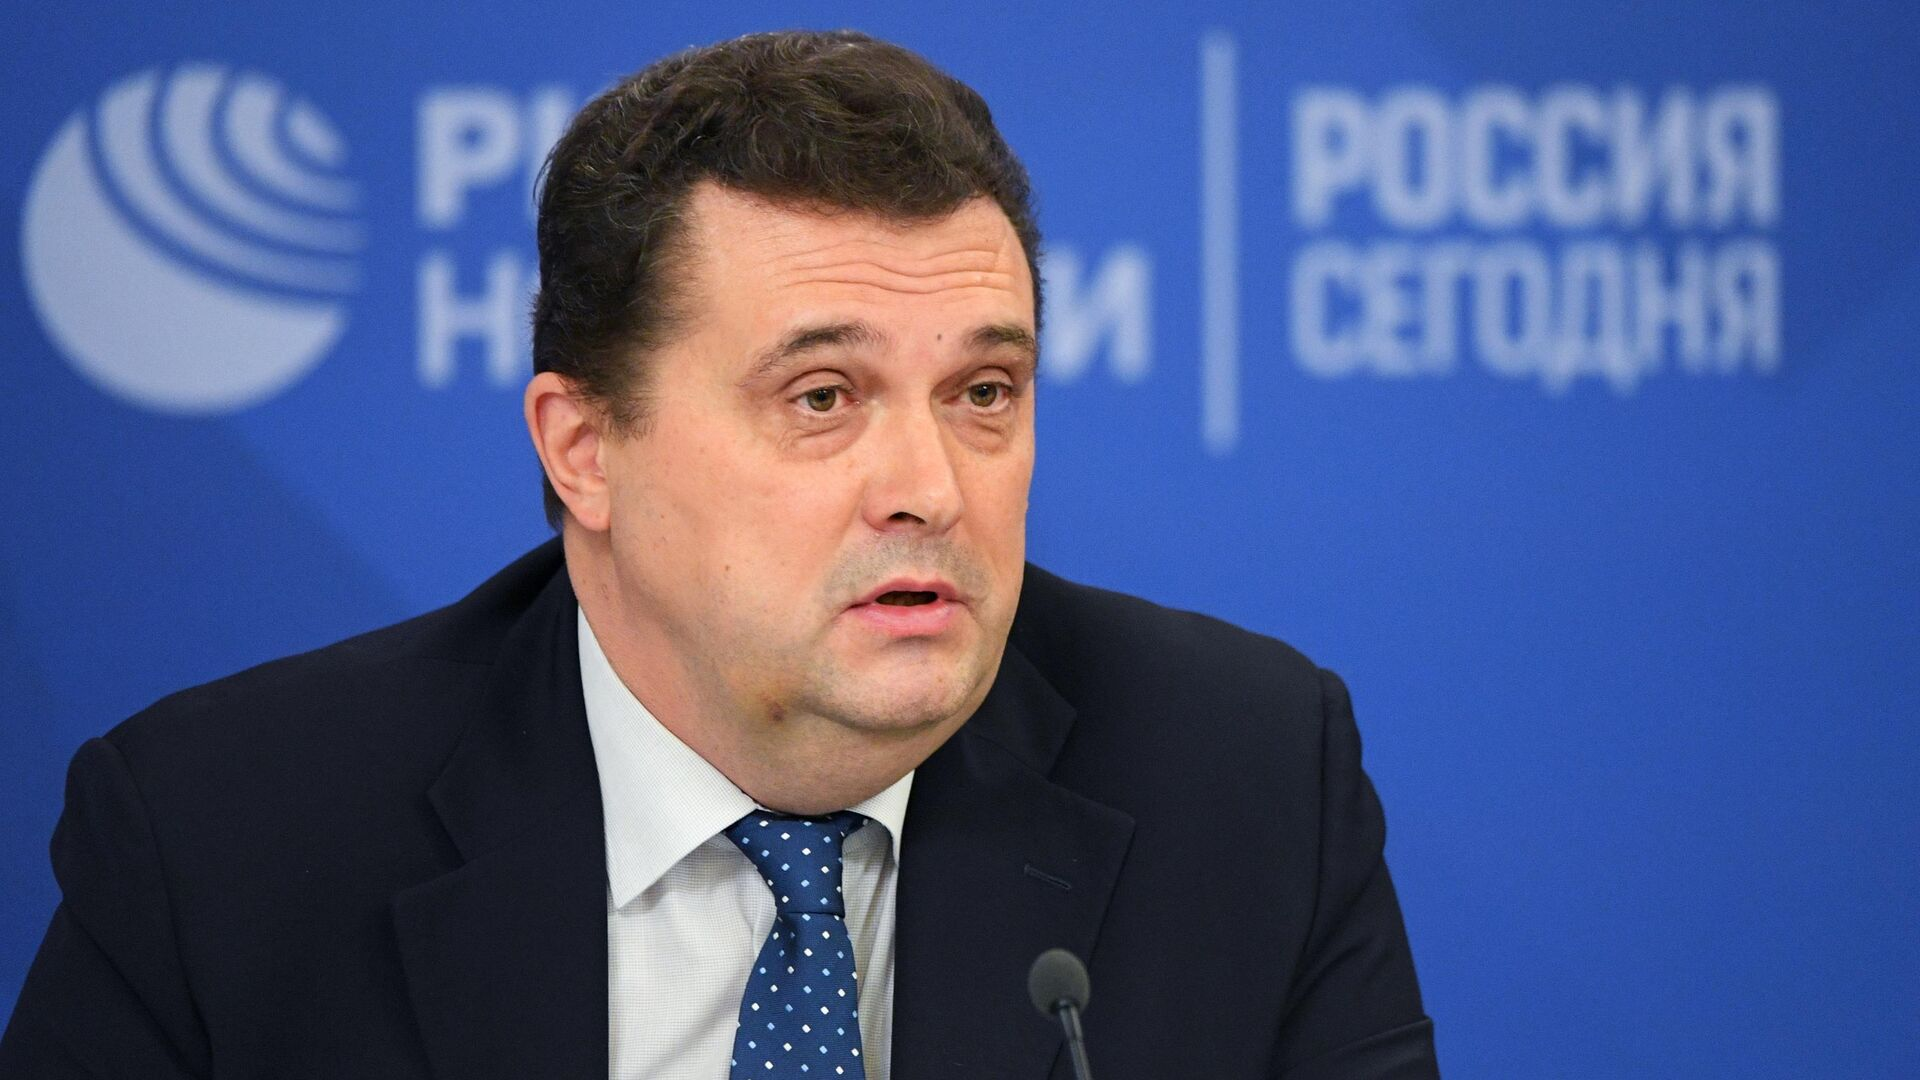 ИИ надо применить для прогноза развития науки, заявил Чернышенко